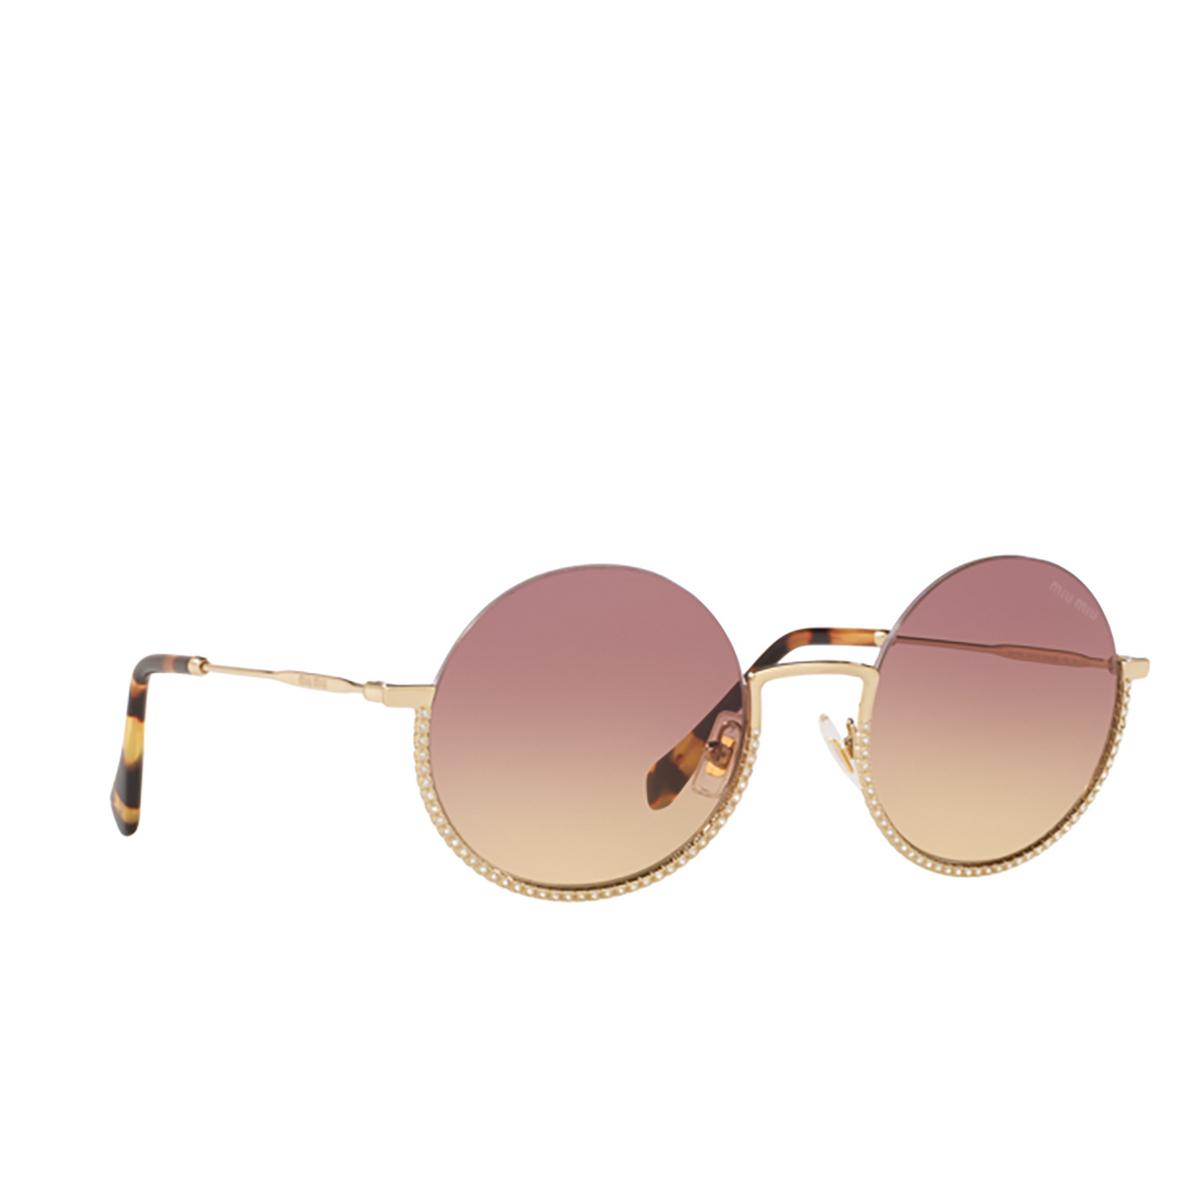 Miu Miu® Round Sunglasses: MU 69US color Pale Gold ZVN09B.